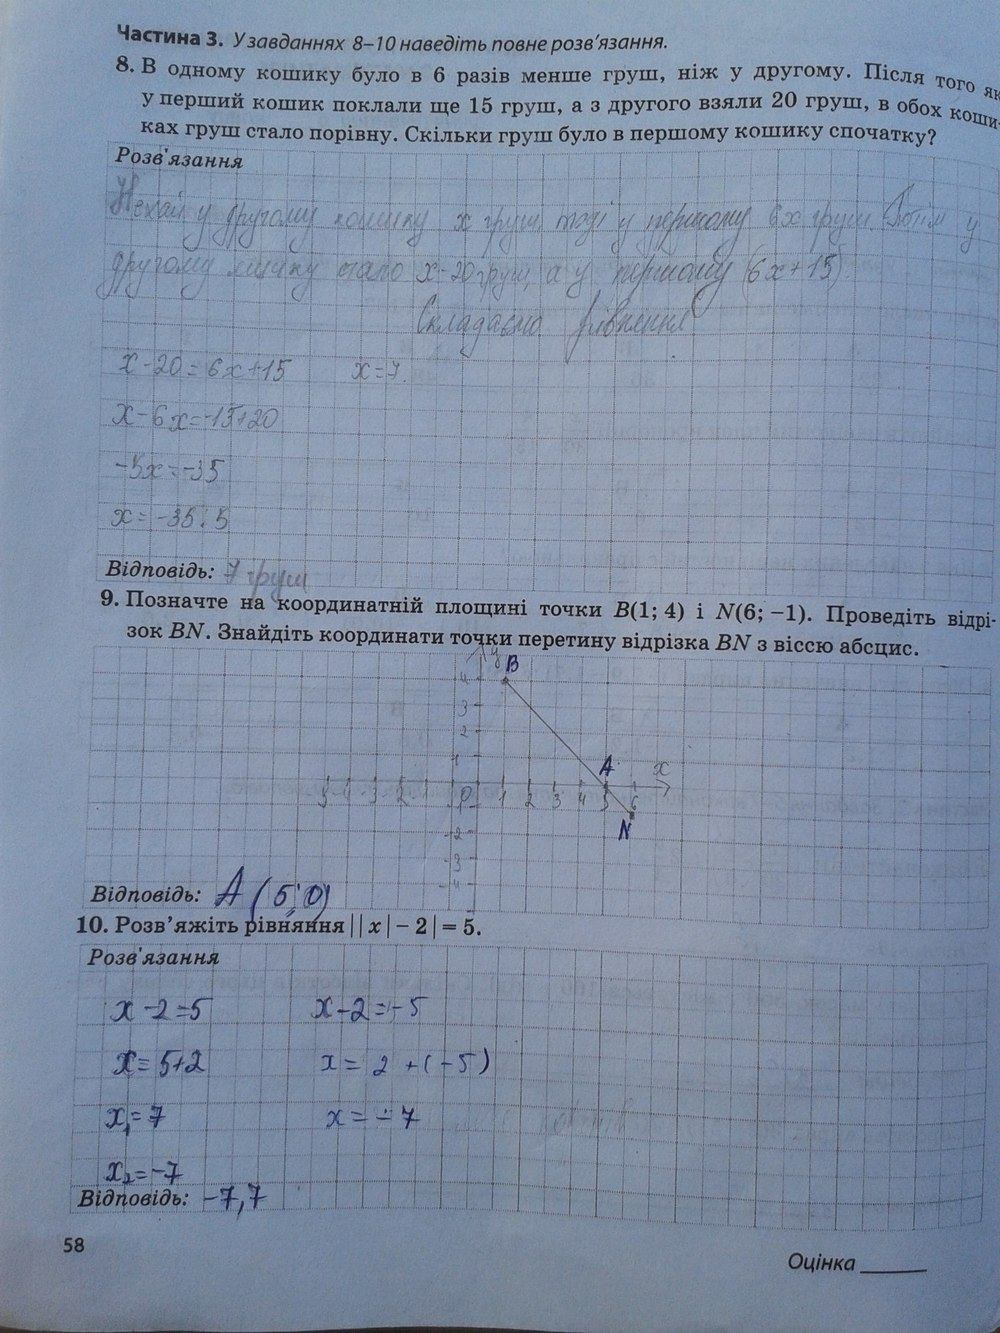 гдз по математике 6 клас робочий зошит